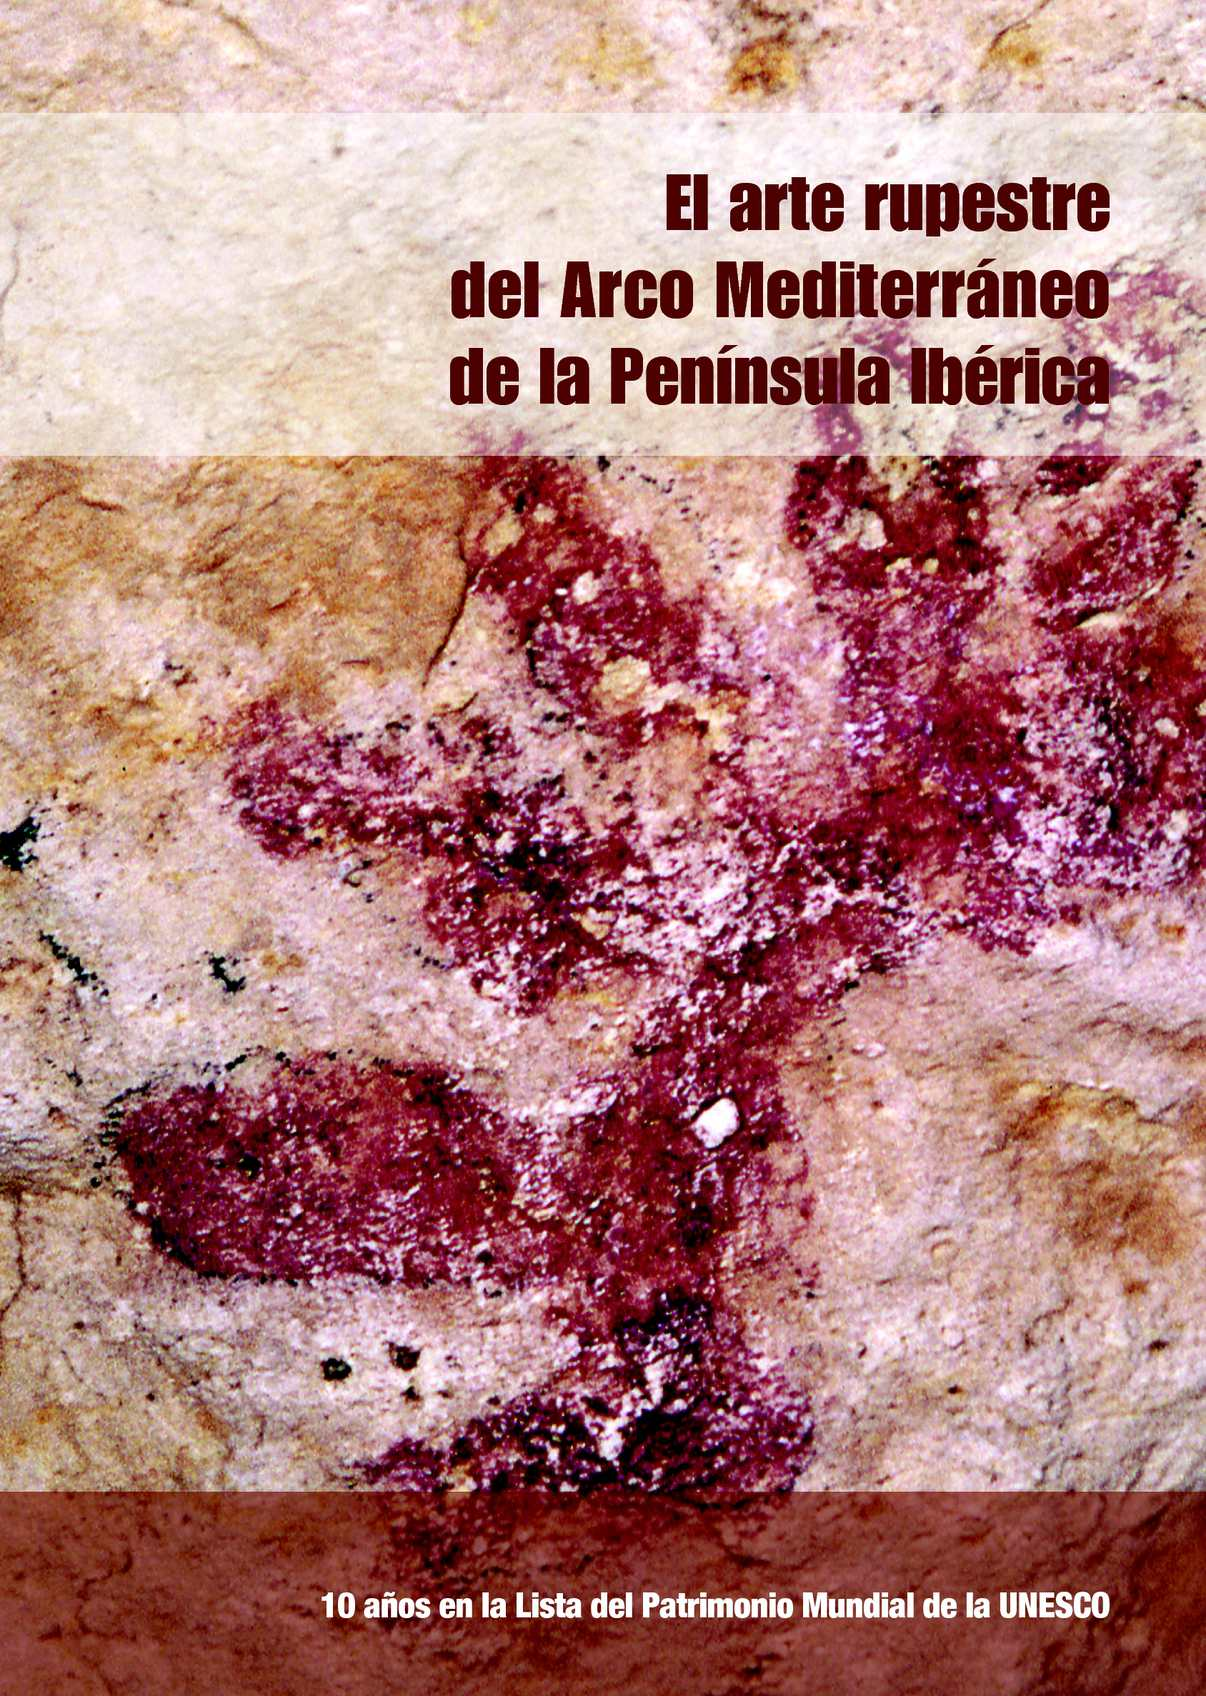 IV CONGRESO EL ARTE RUPESTRE DEL ARCO MEDITERRÁNEO DE LA PENÍNSULA IBÉRICA.  10 Años en la Lista del Patrimonio Mundial de la UNESCO